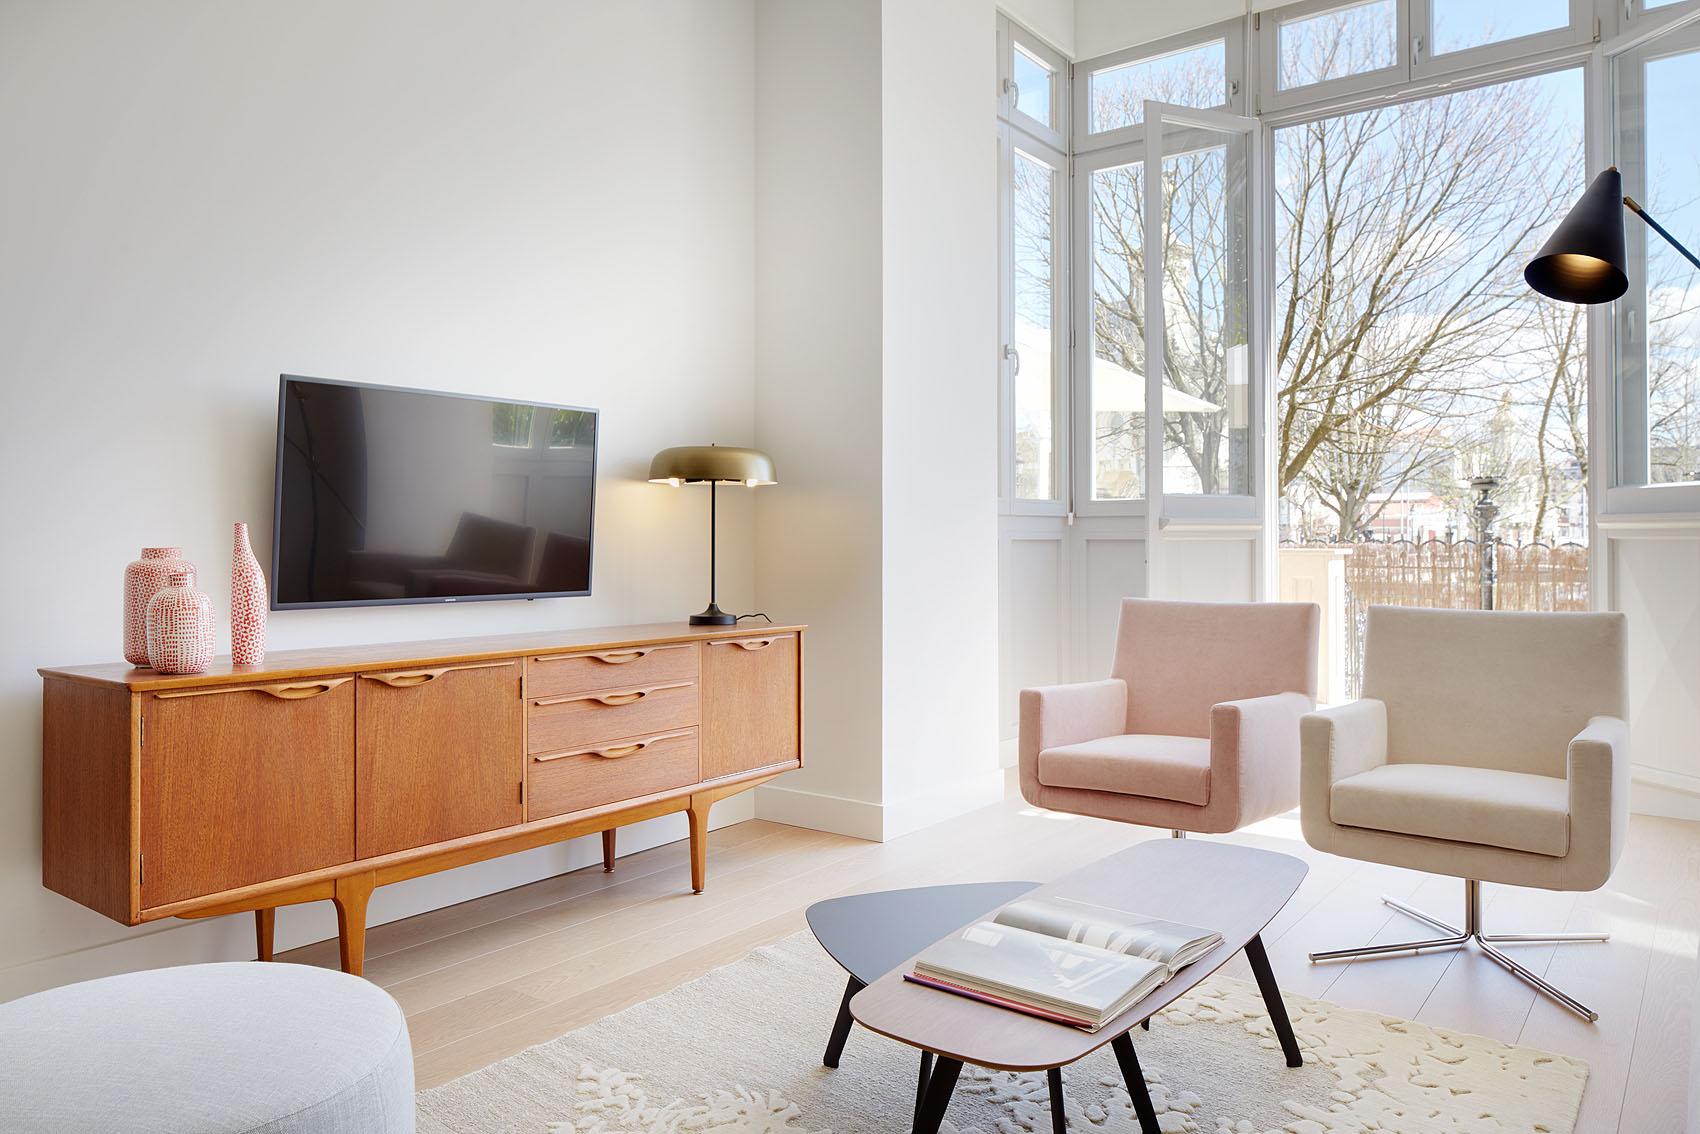 Apartamento Dolce Vita - Iñaki Caperochipi - Fotografía